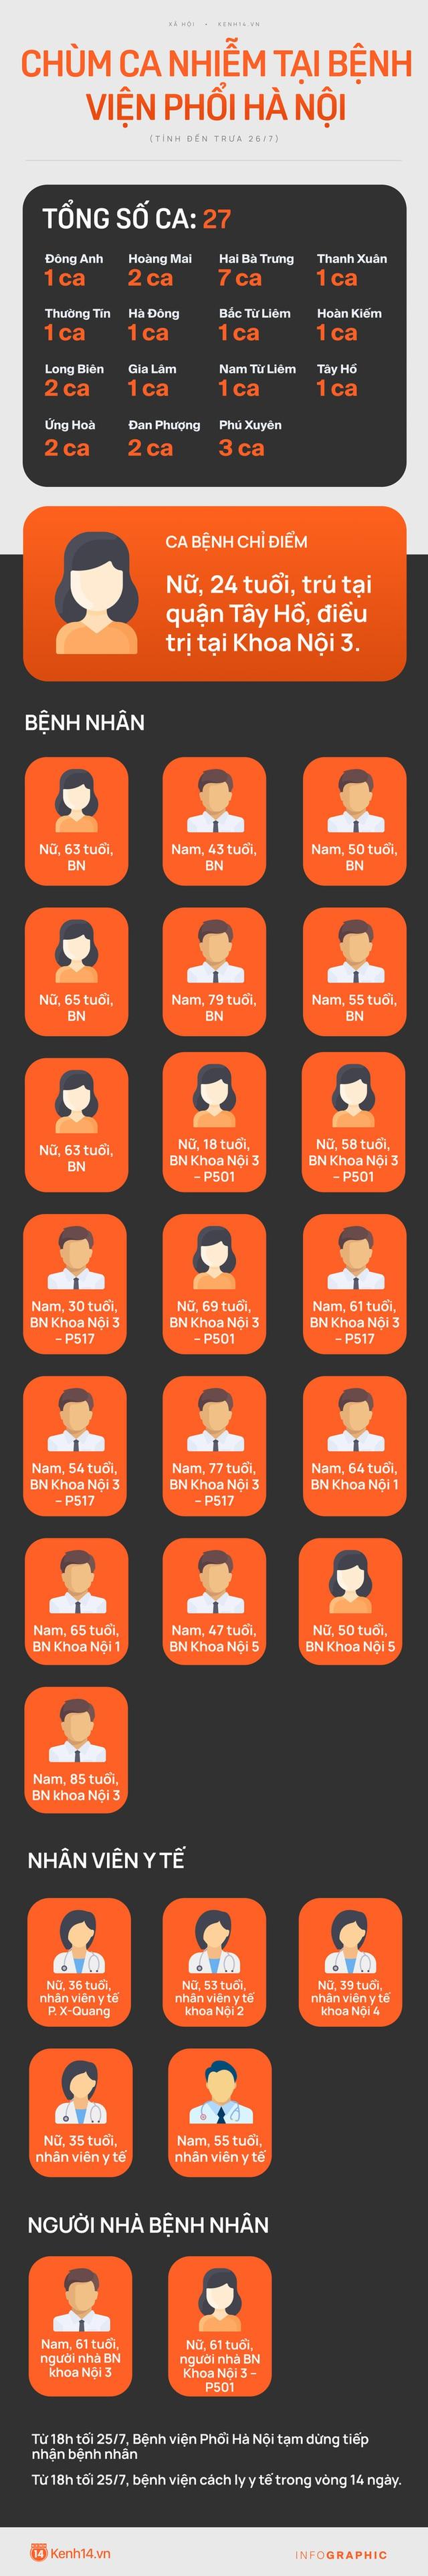 INFOGRAPHIC: 27 ca nhiễm liên quan Bệnh viện Phổi Hà Nội, phong toả toàn bộ bệnh viện - Ảnh 1.